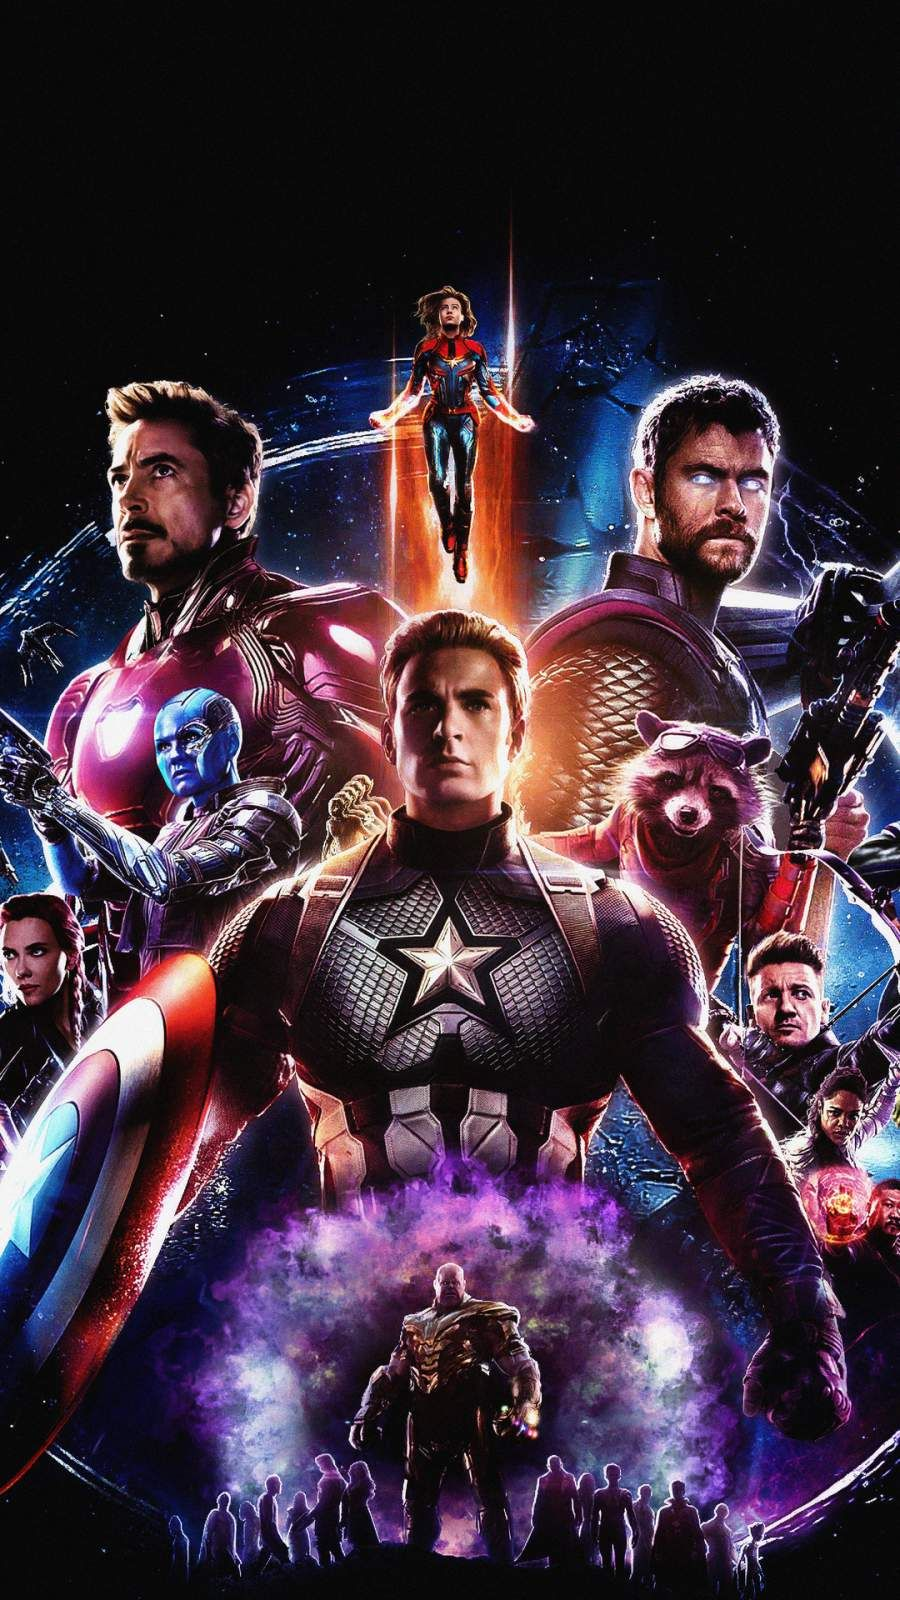 Avengers Endgame New Poster Iphone Wallpaper In 2020 Marvel Superheroes Marvel Wallpaper Marvel